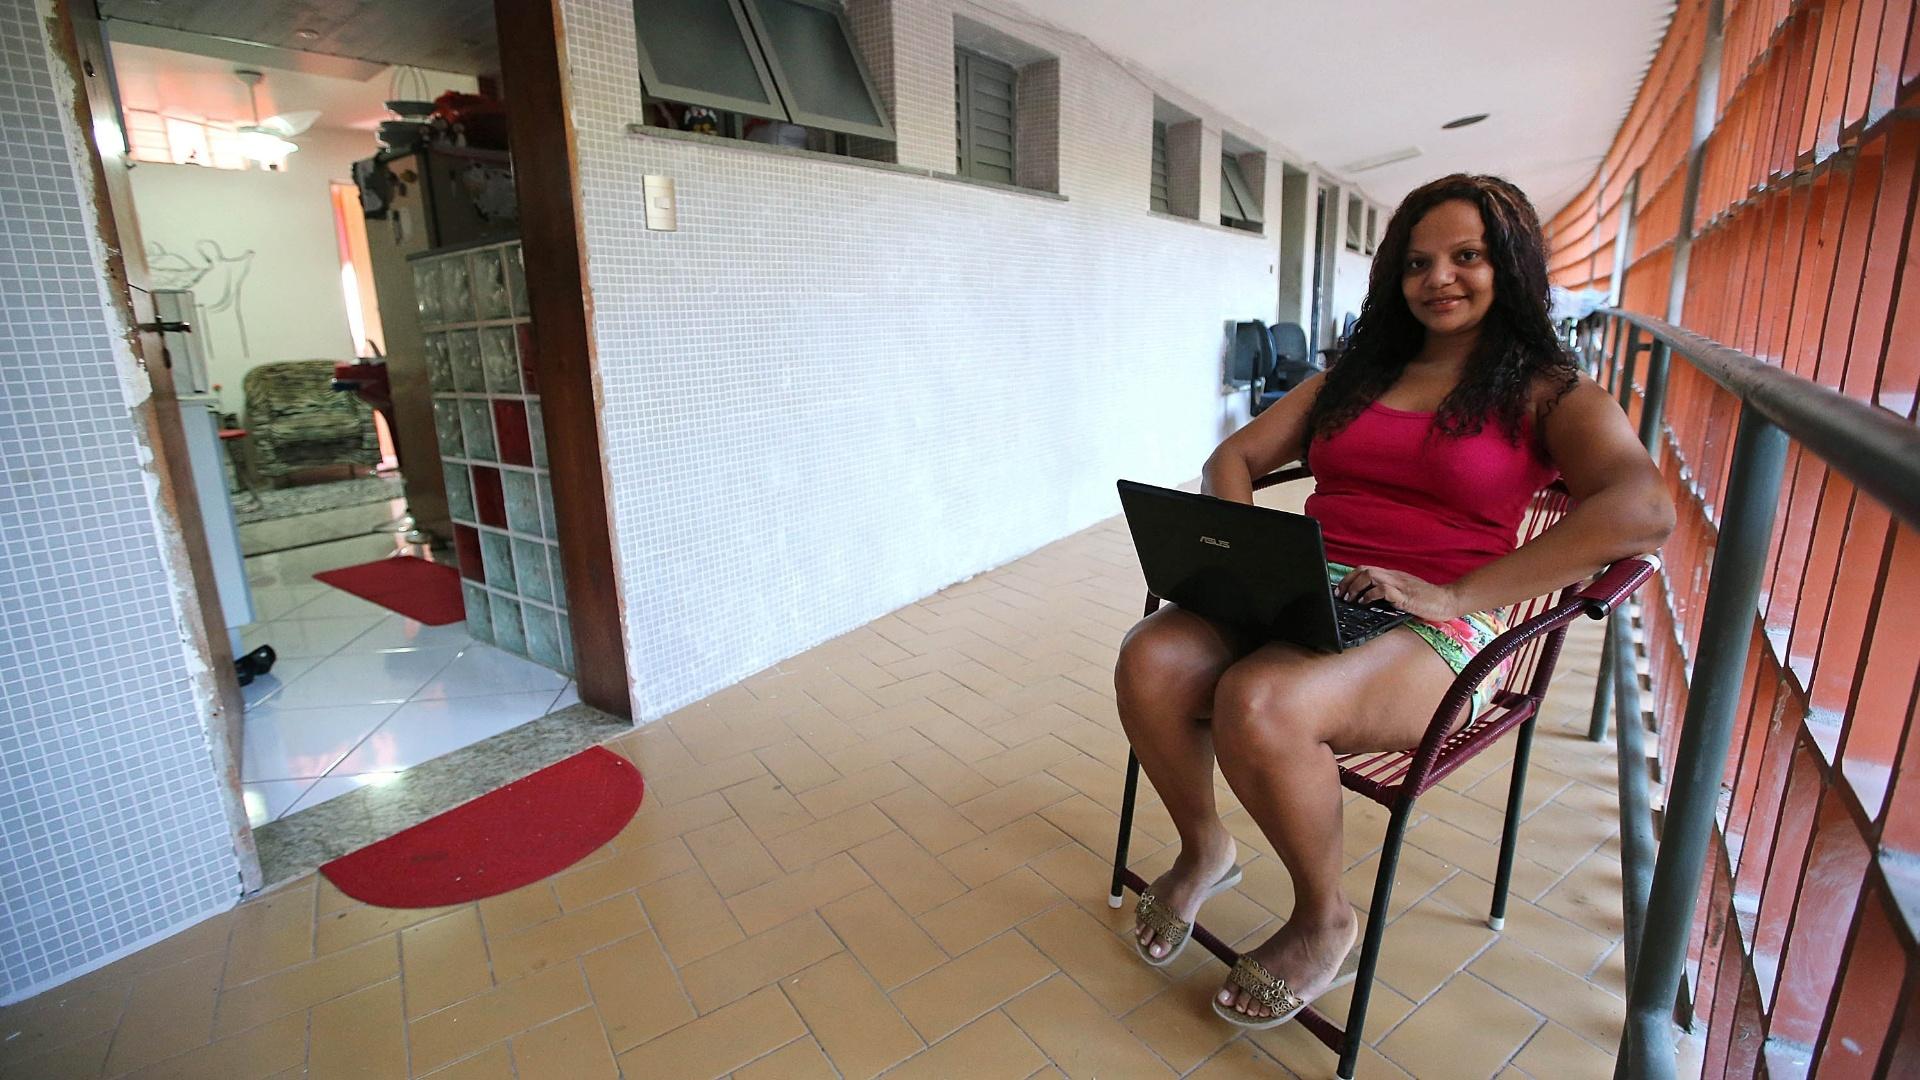 27.mai.2015 - A psicóloga Fernanda da Silva, 31, utiliza o computador no corredor na frente do apartamento onde mora sozinha, no Pedregulho.